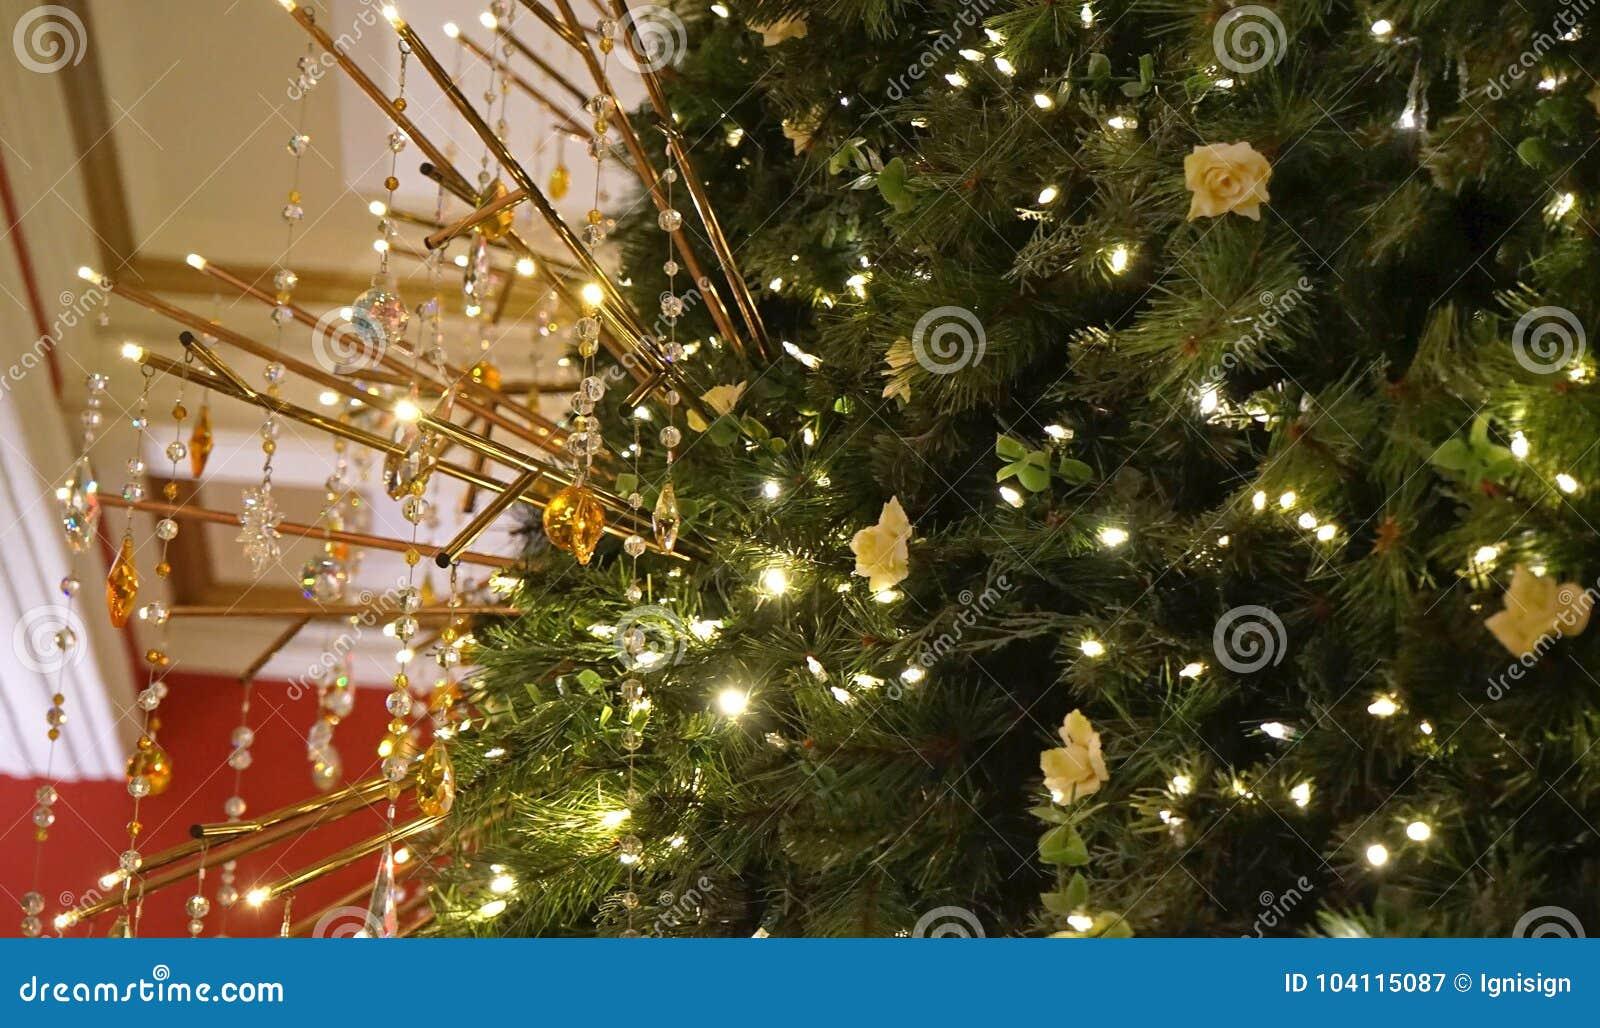 Les Traditions De Noel En Australie c'est toujours une tradition annuelle de la reine victoria